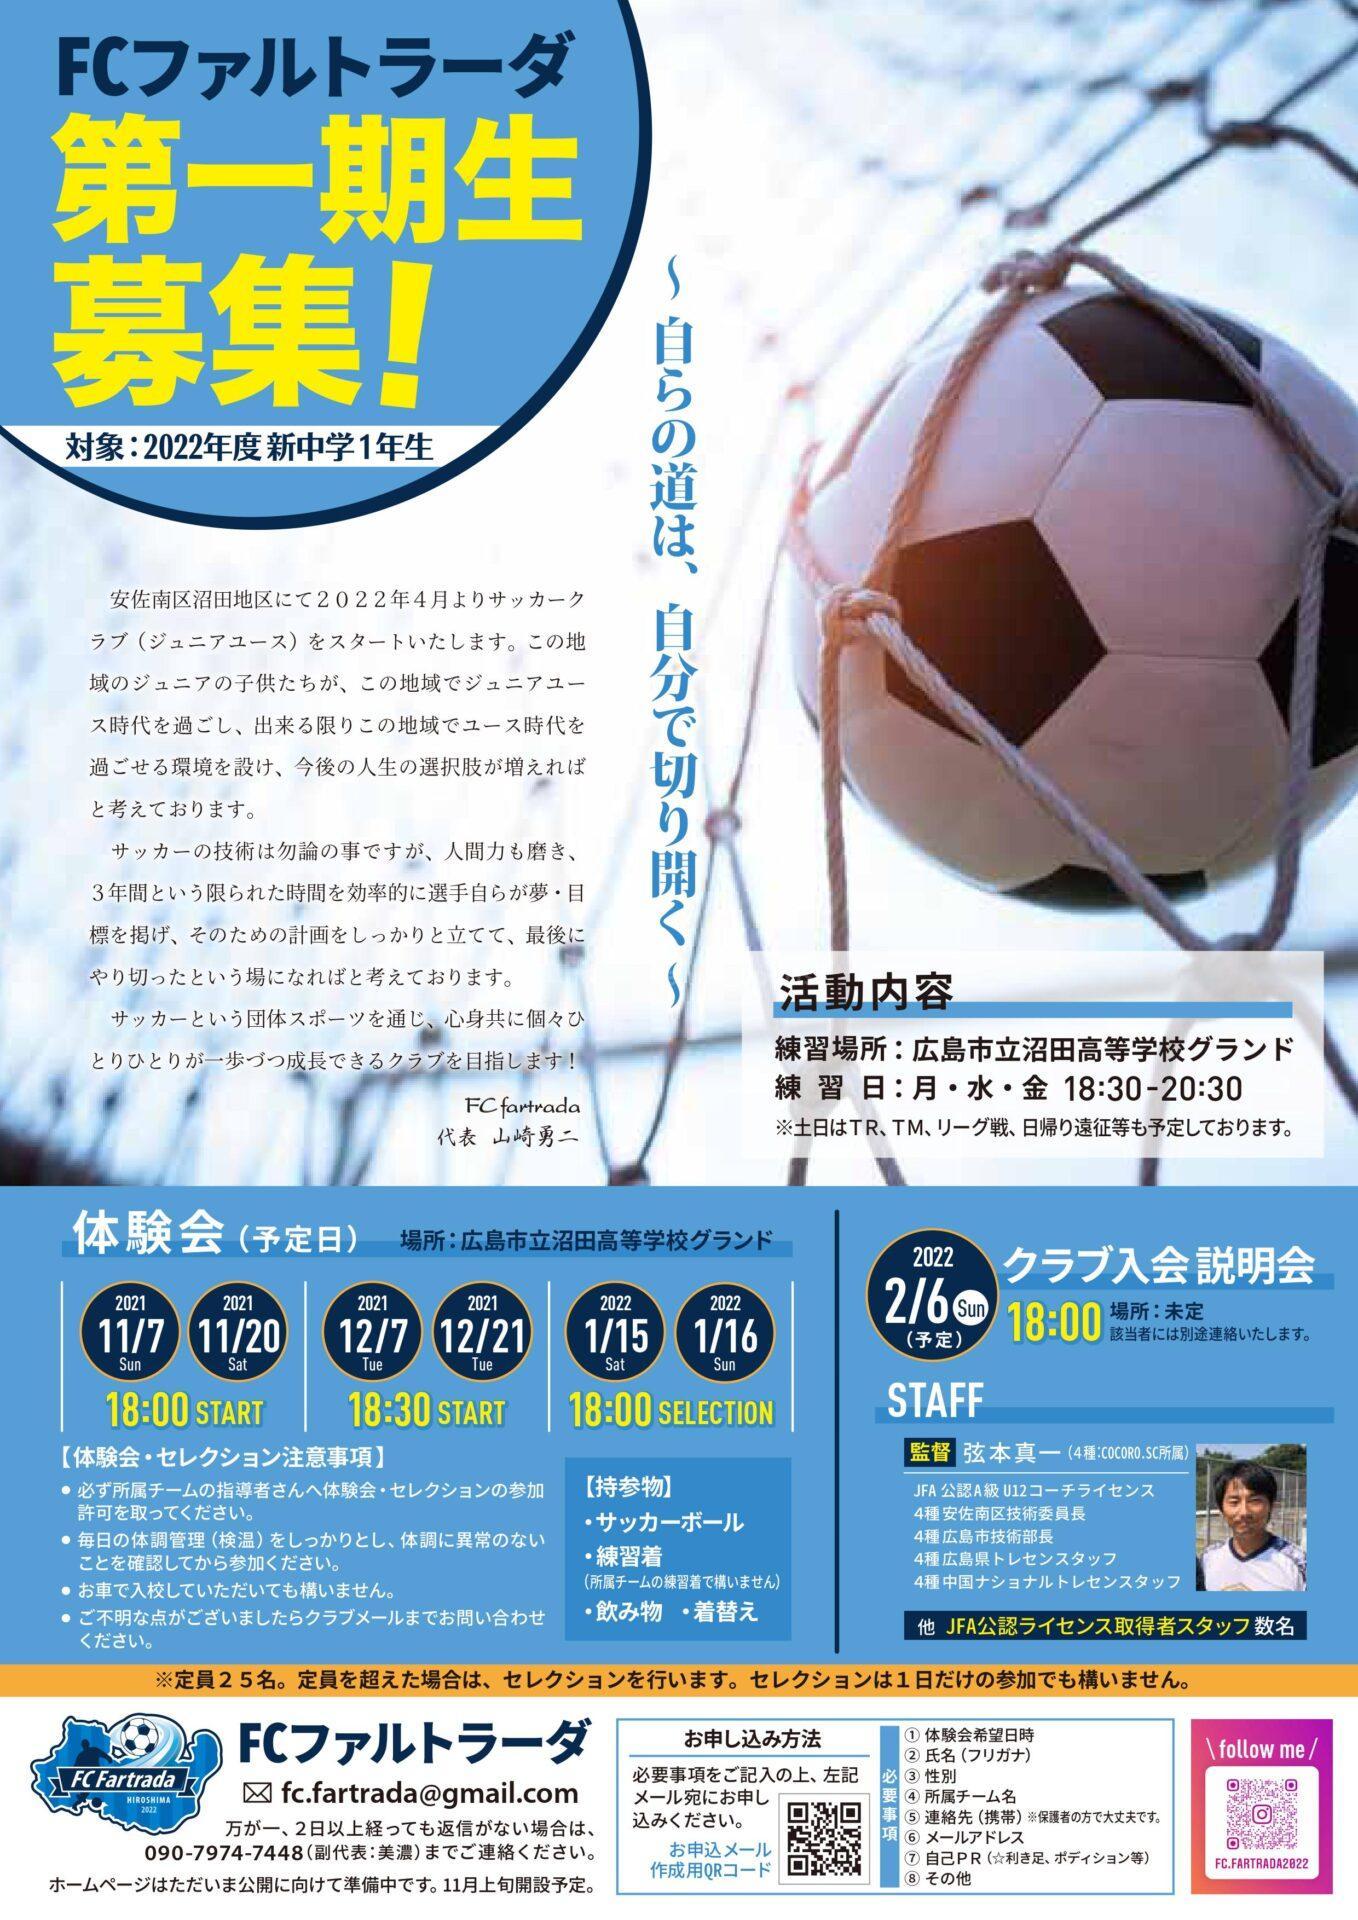 FCファルトラーダ 第一期生募集!